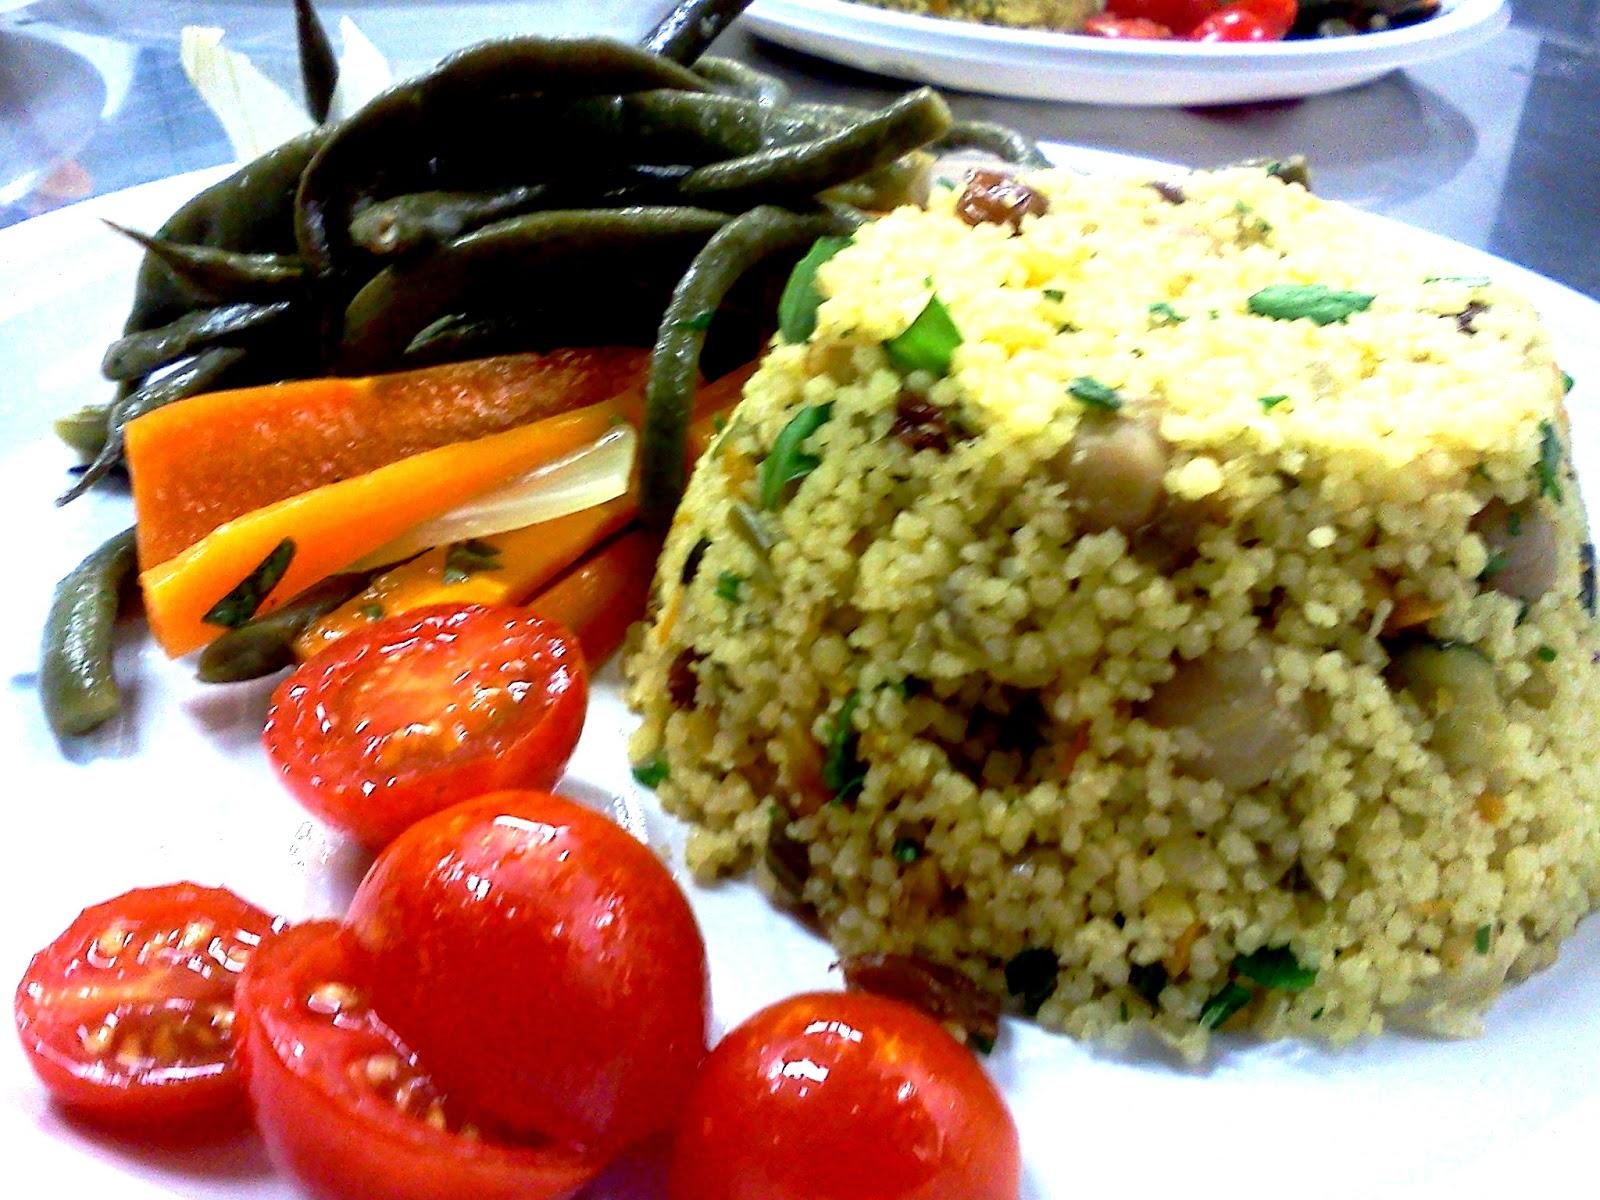 la cucina naturale estiva - corsi di cucina - alimentazione e benessere 7-14-28 maggio 2014 a biella.